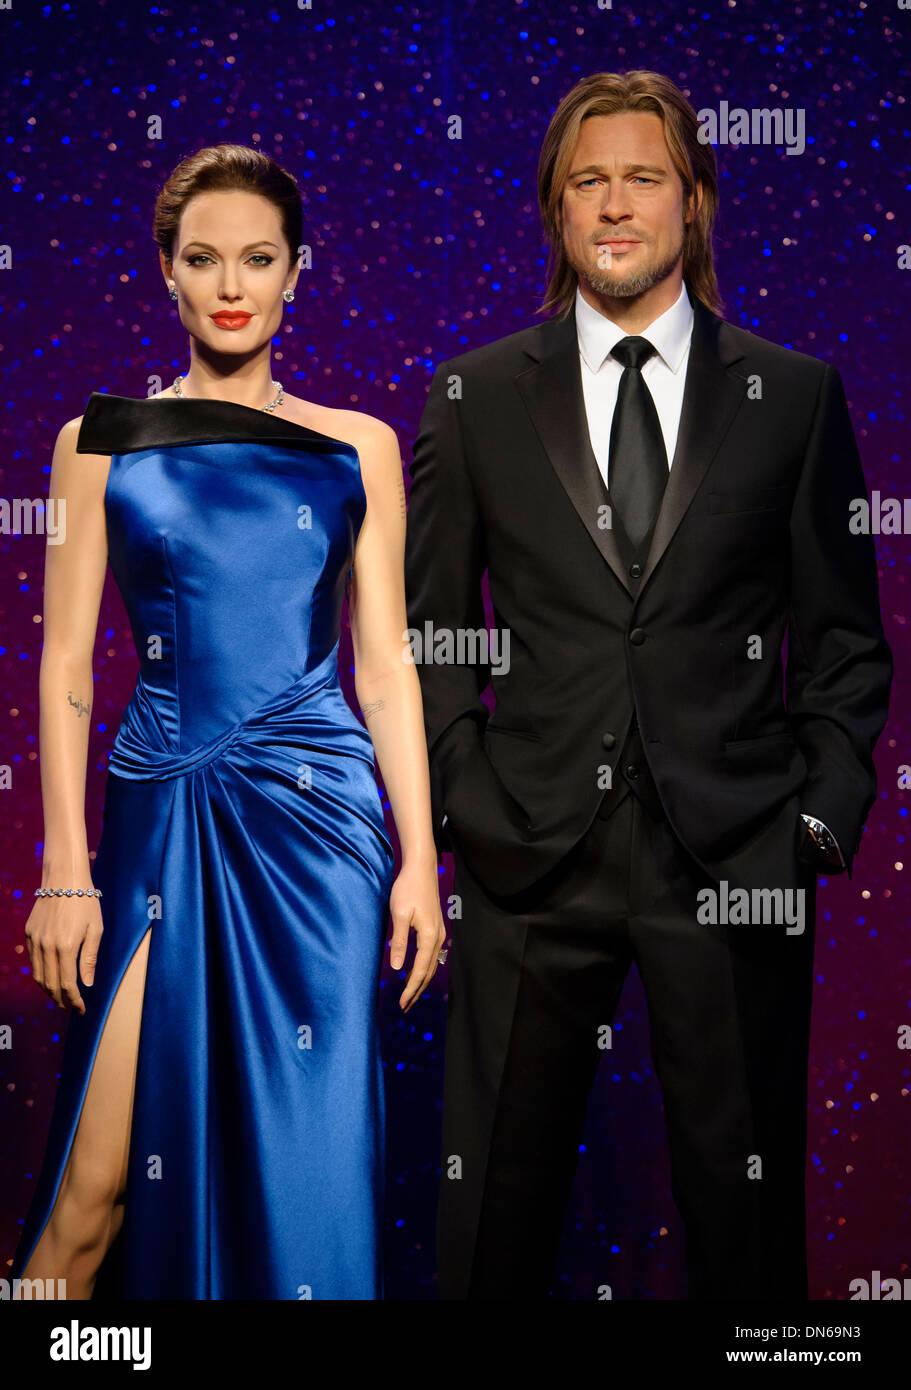 Anche le cere di Brad Pitt e Angelina Jolie a Madame Tussaud di Londra. Immagini Stock